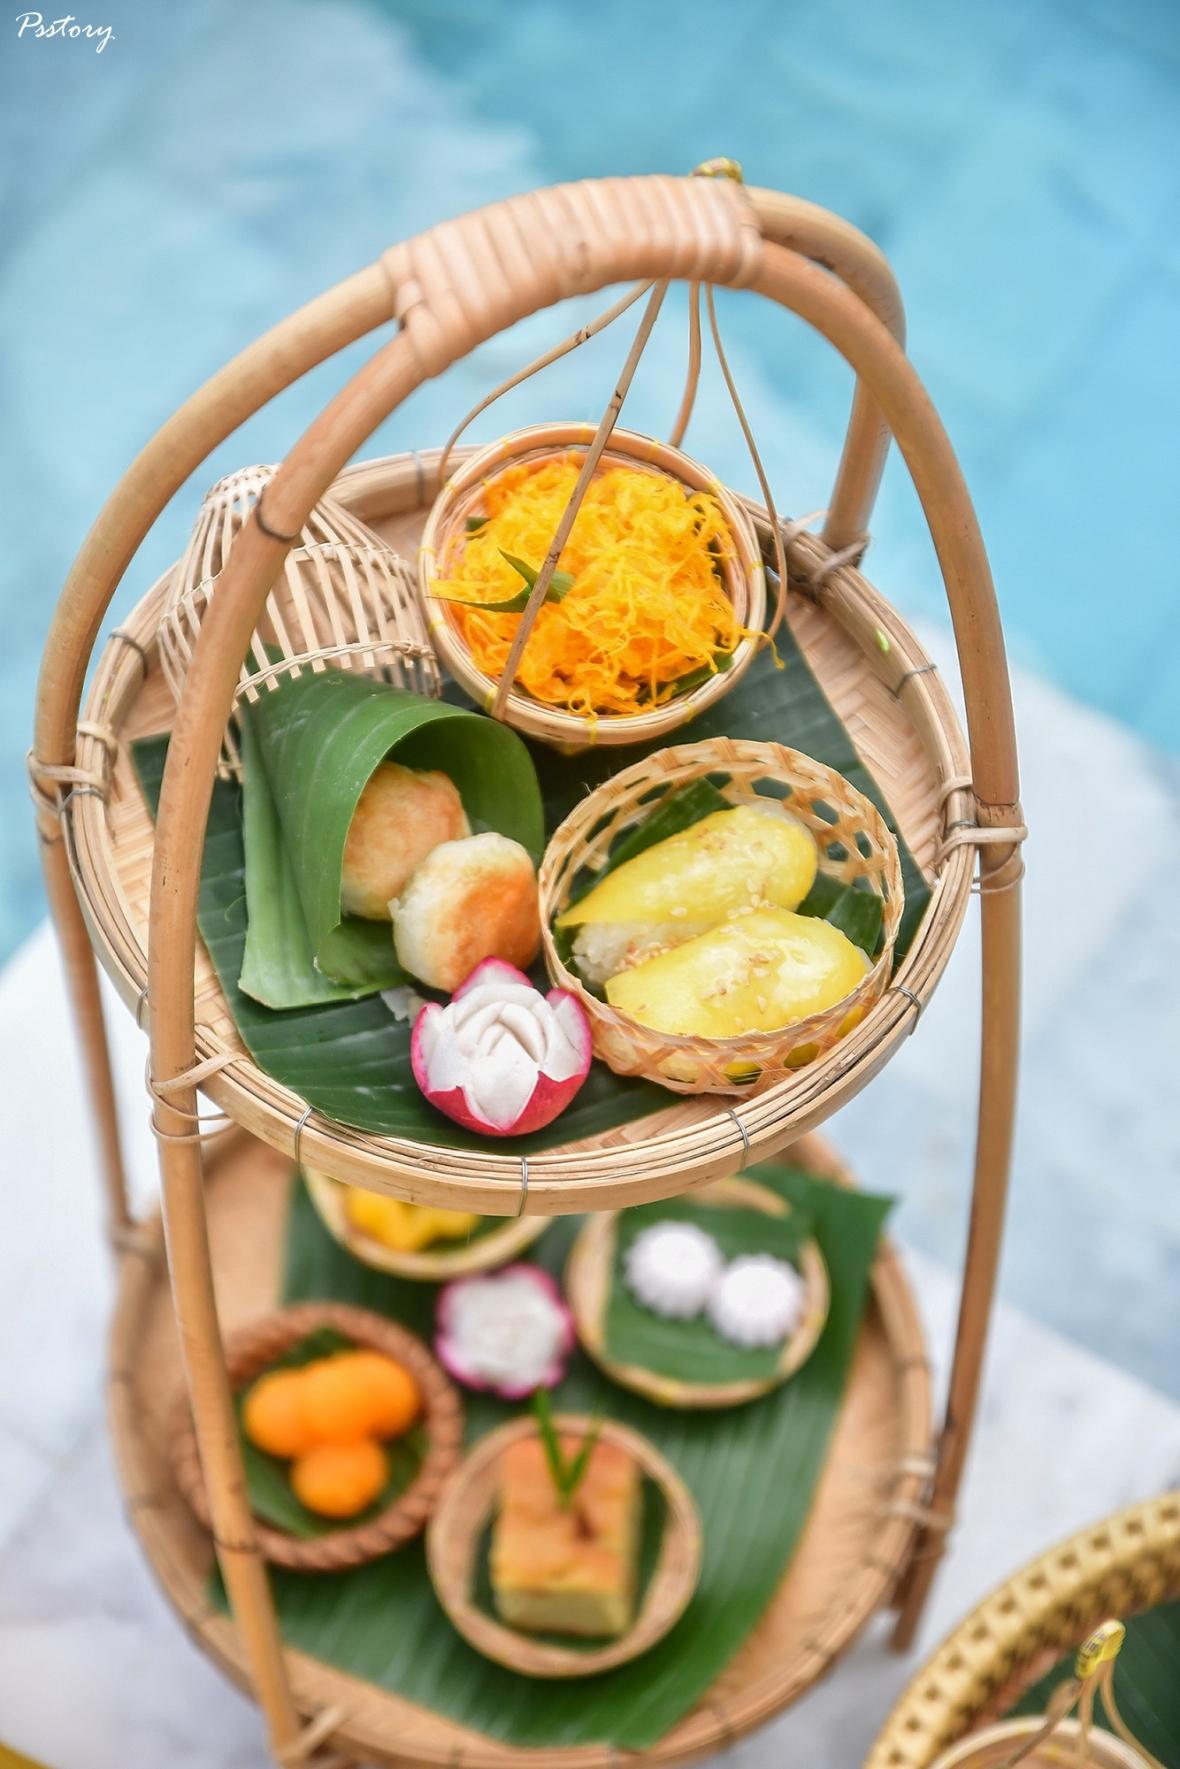 Devasom Khao Lak Beach Resort & Villas (61)